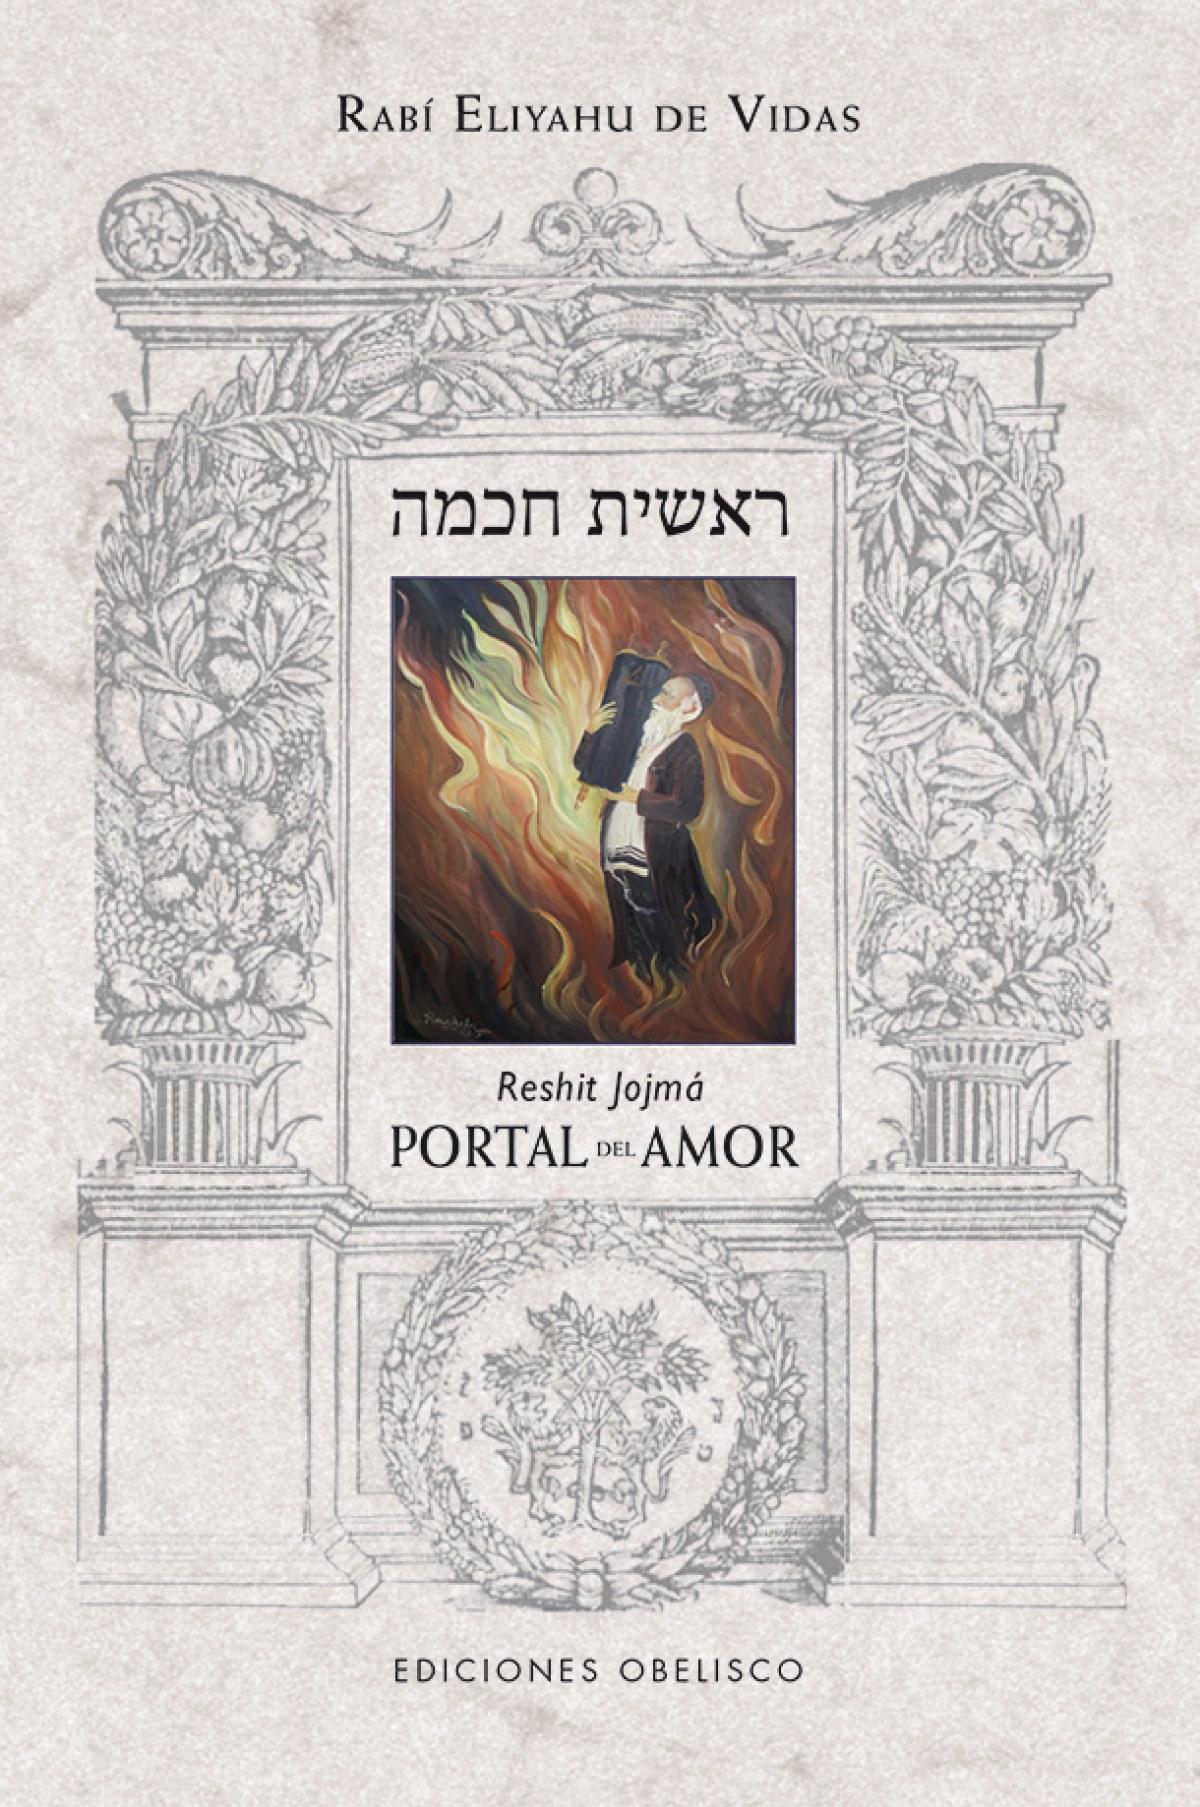 PORTAL DEL AMOR - RESHIT JOJMA 9788415968177